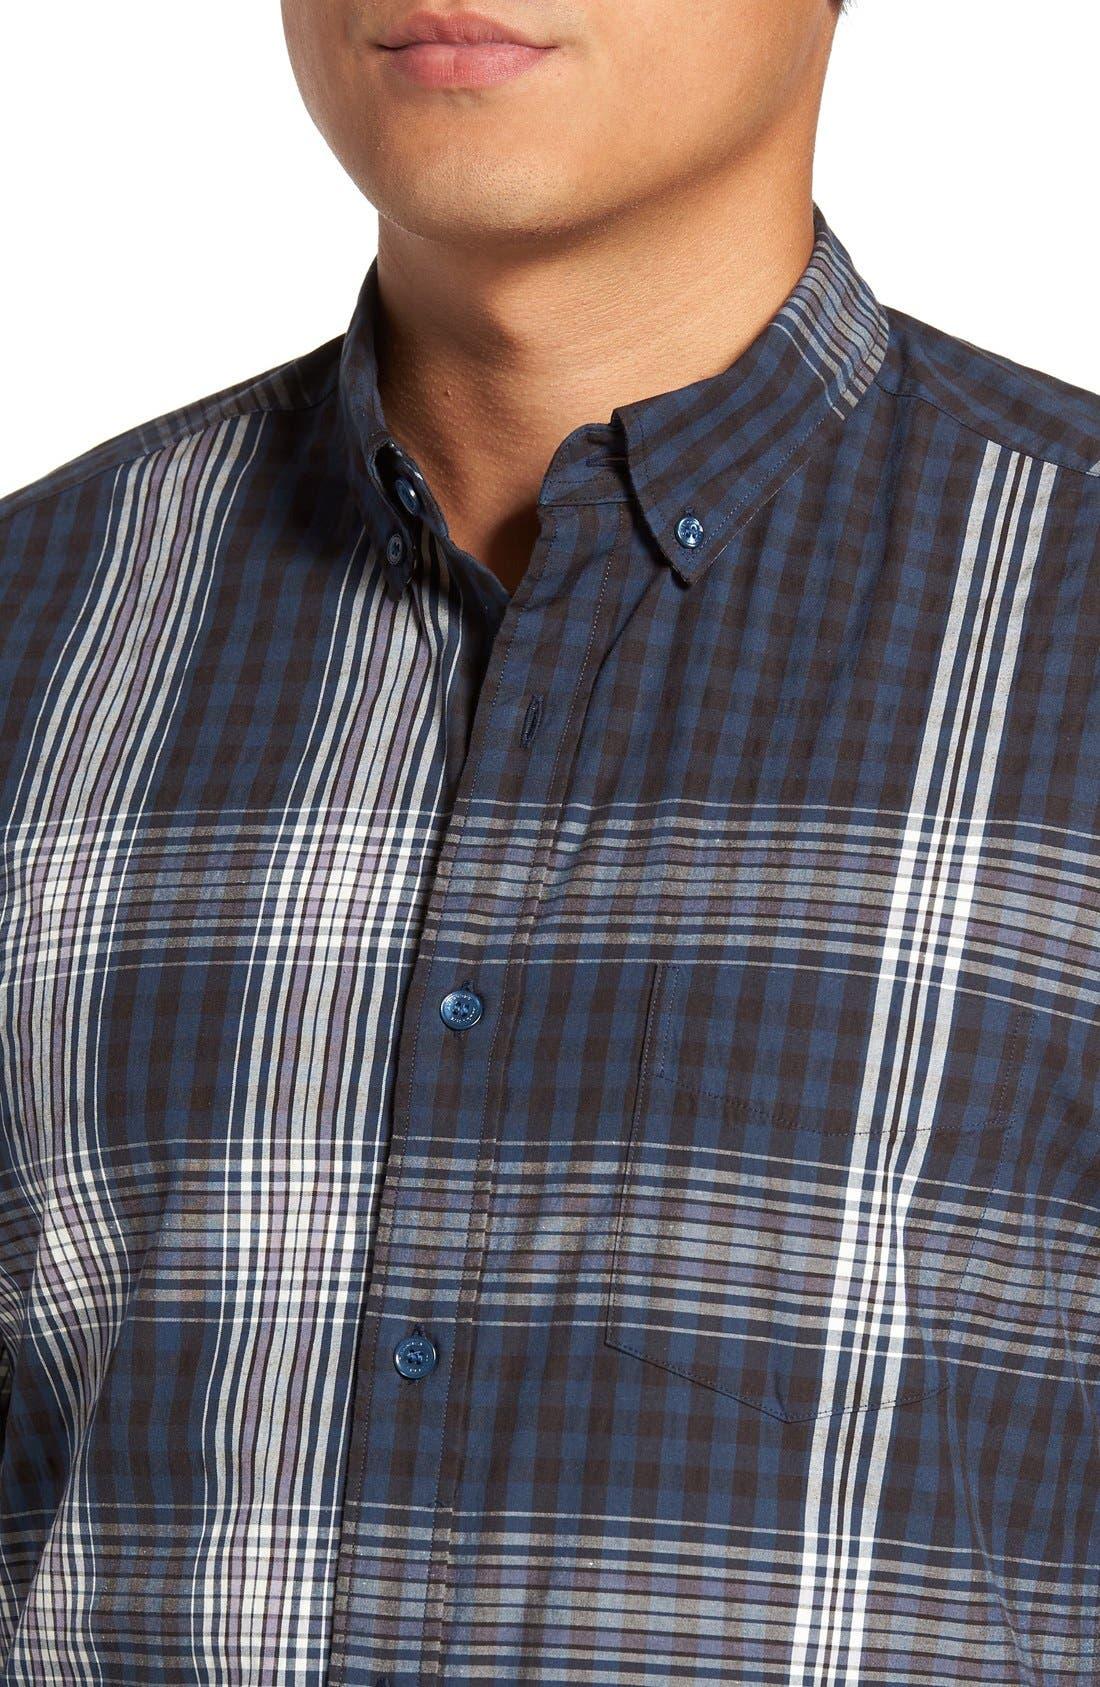 'Blackrock' Trim Fit Plaid Sport Shirt,                             Alternate thumbnail 4, color,                             410